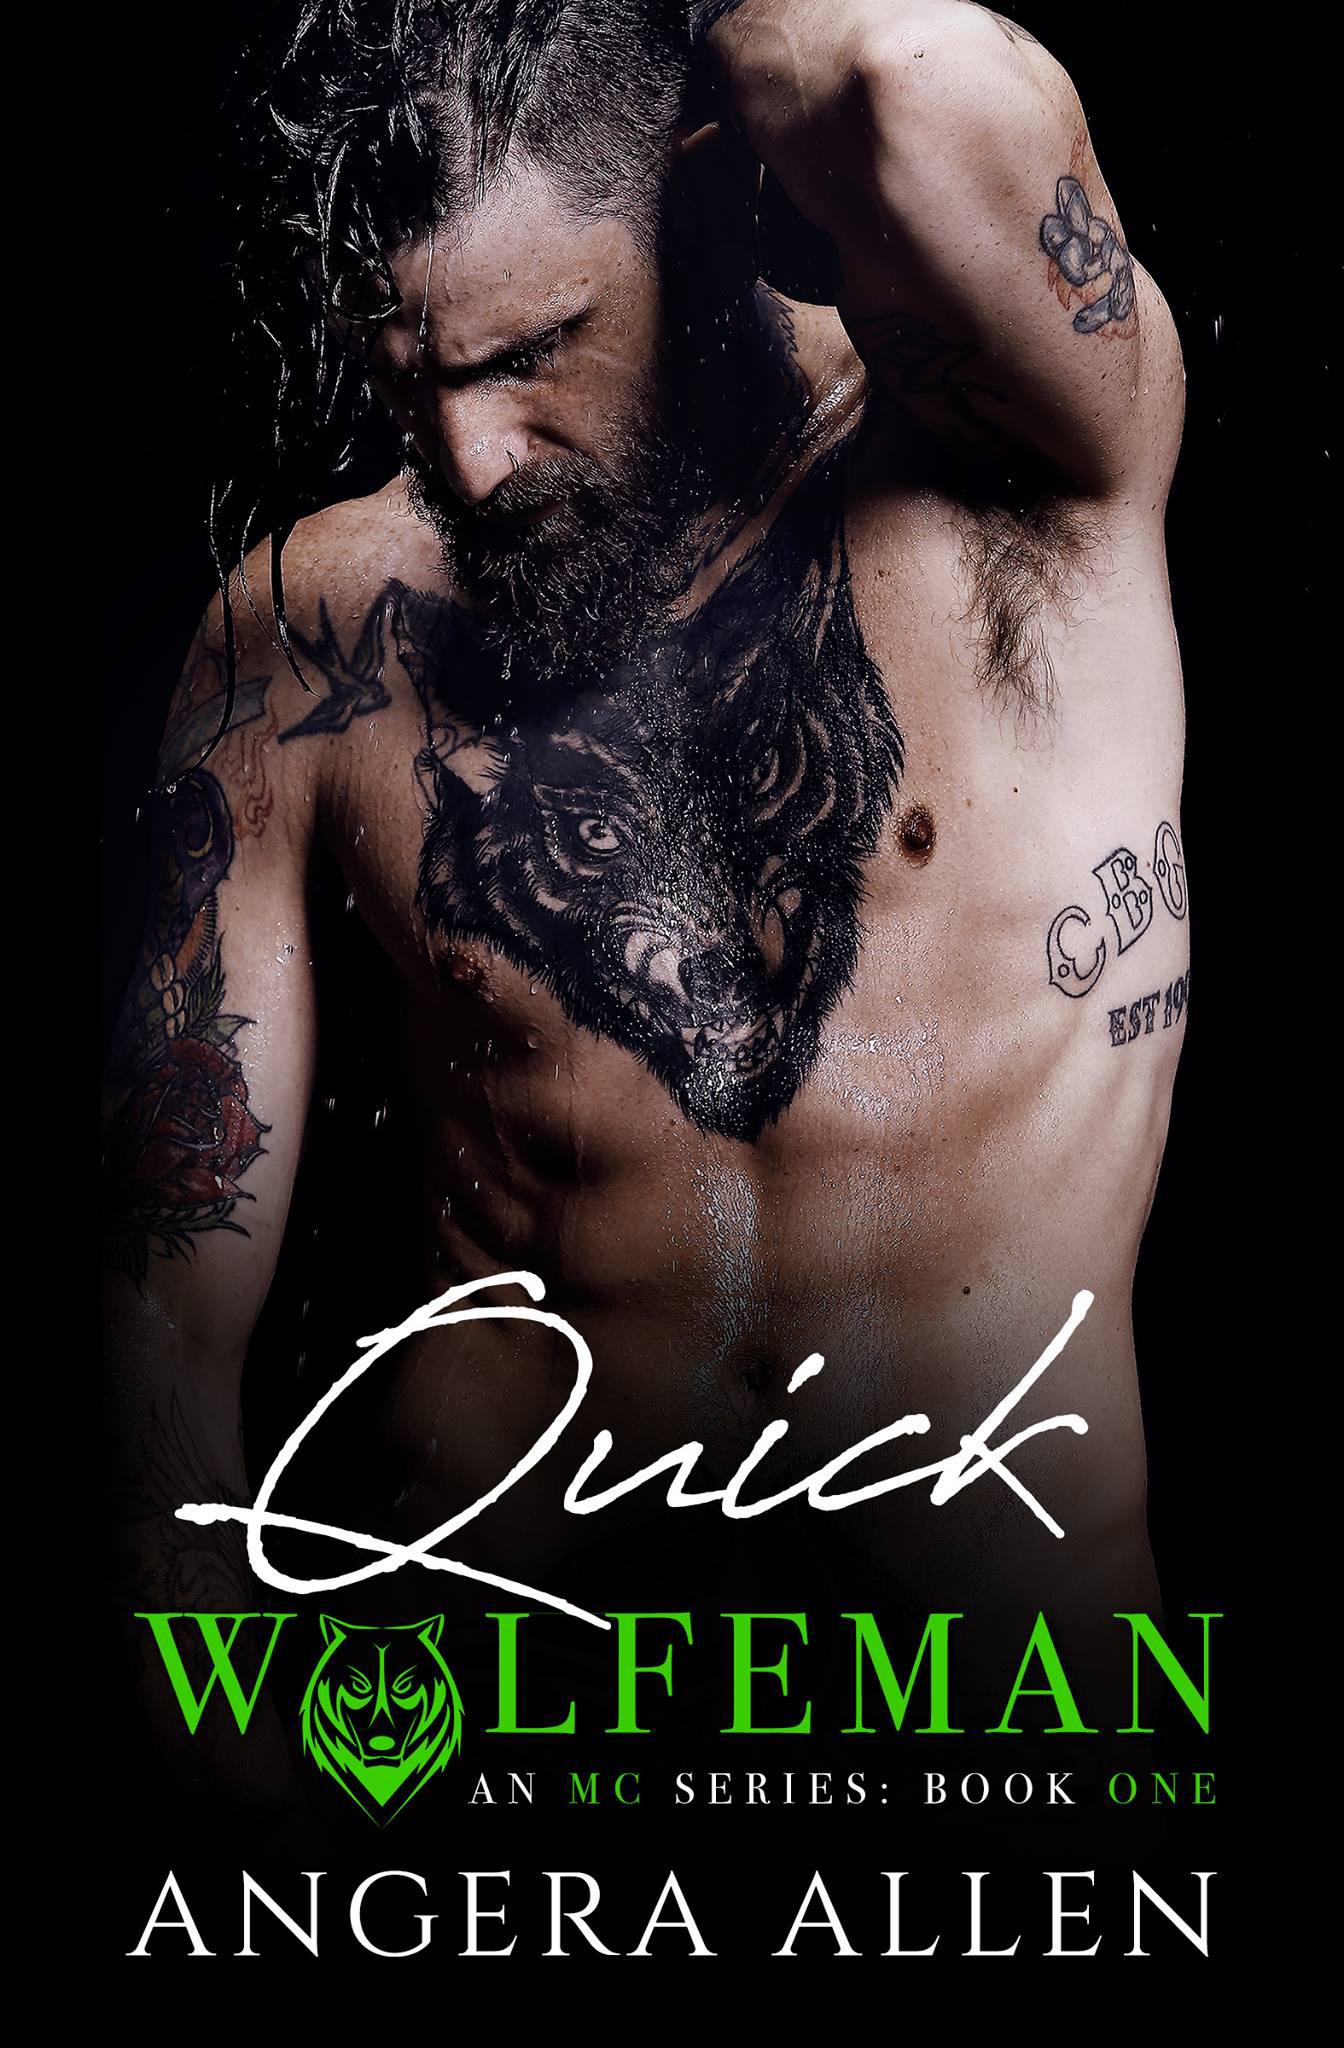 QUICK WOLFEMAN